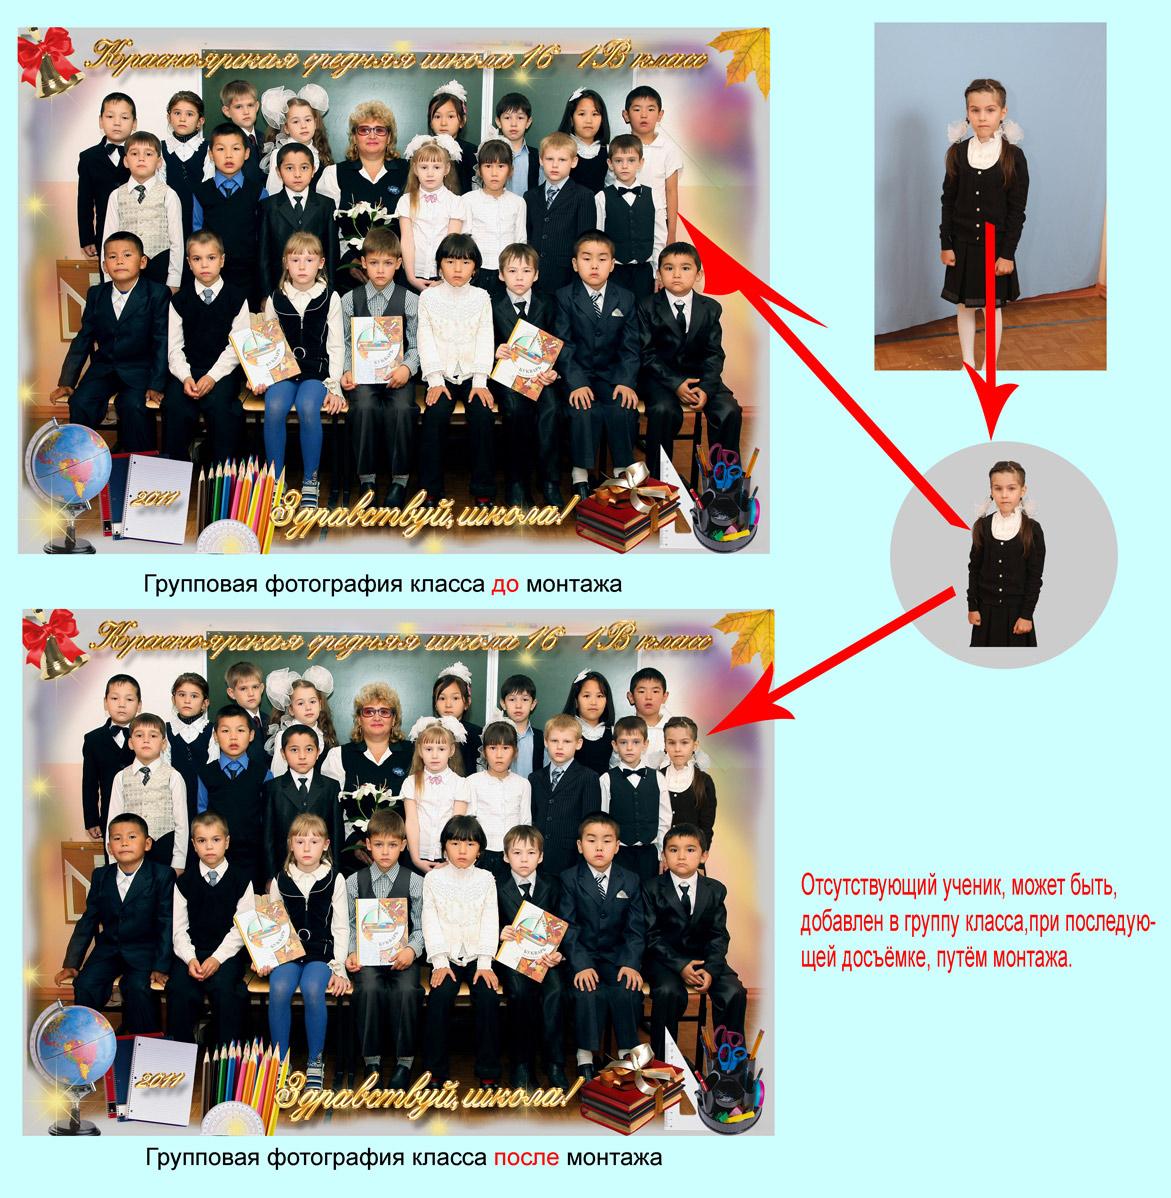 фотомонтаж,добавление одного объекта в фотографию